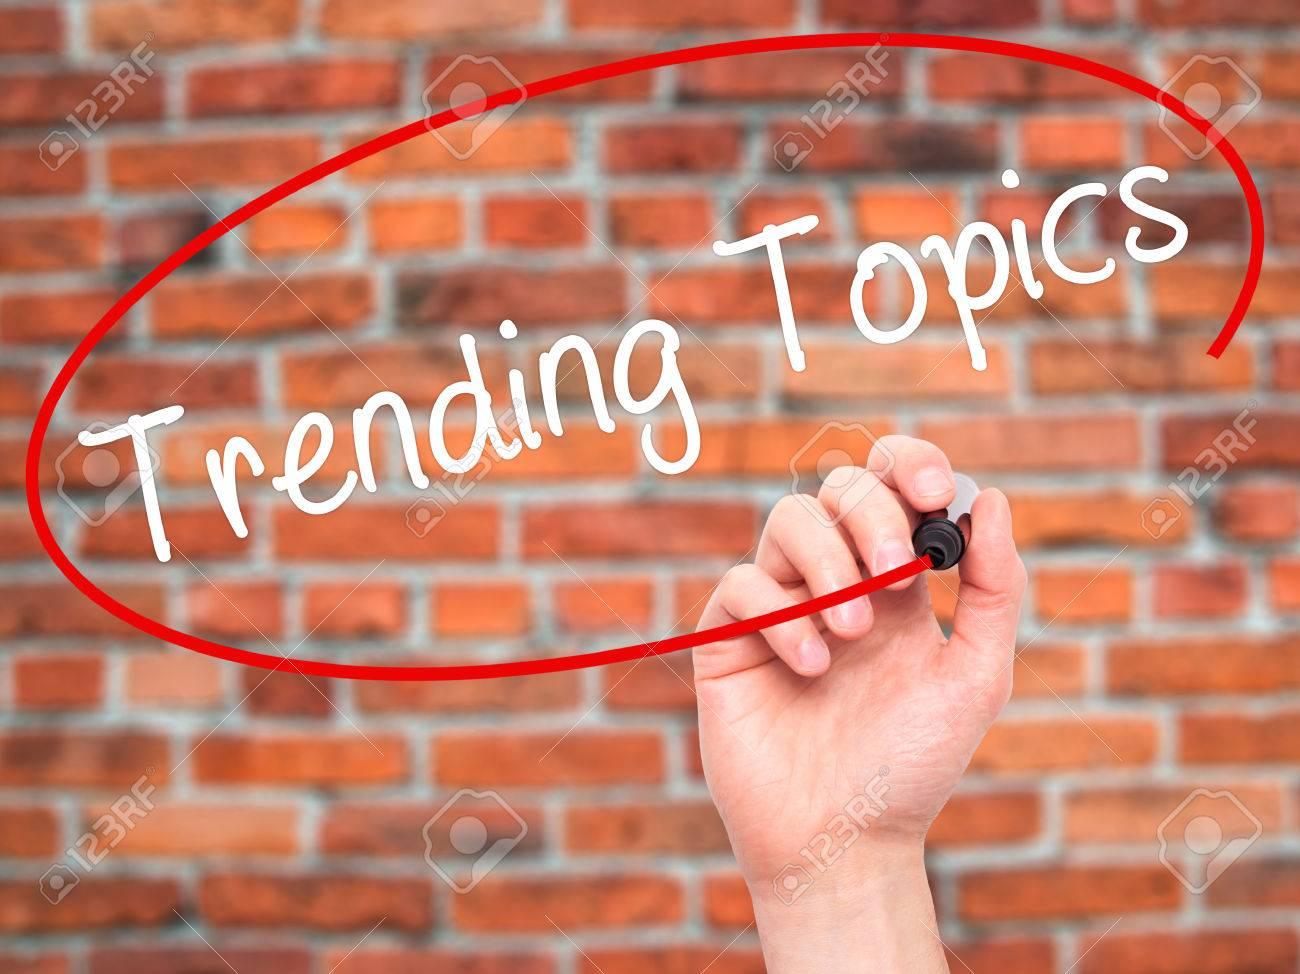 op topics